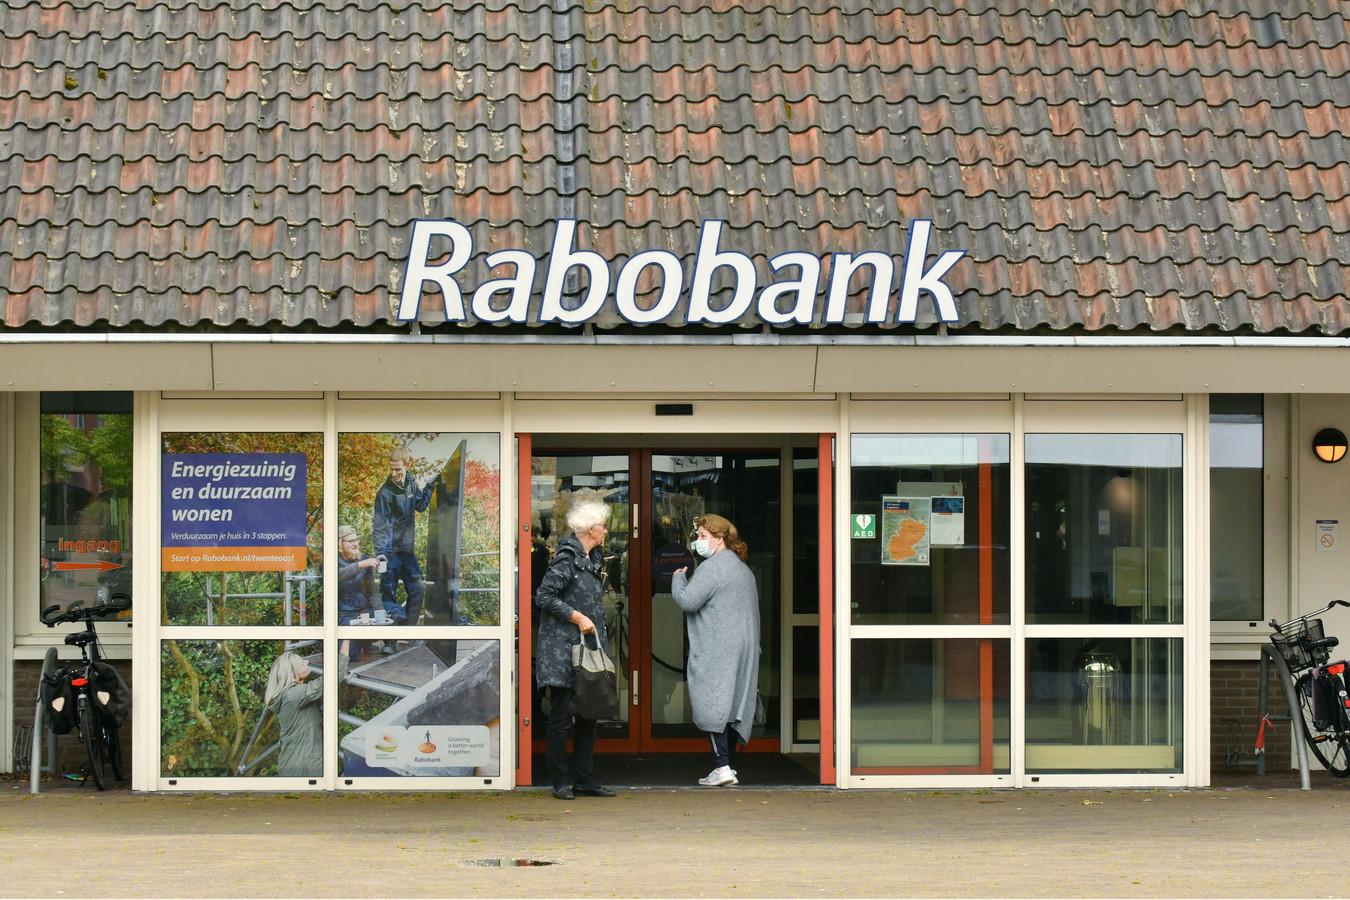 Rabobanken Enschede-Haaksbergen en Twente Oost gaan fuseren. Vorige week sloten de banken meerdere kantoren waaronder die in Haakbergen en Denekamp (foto).